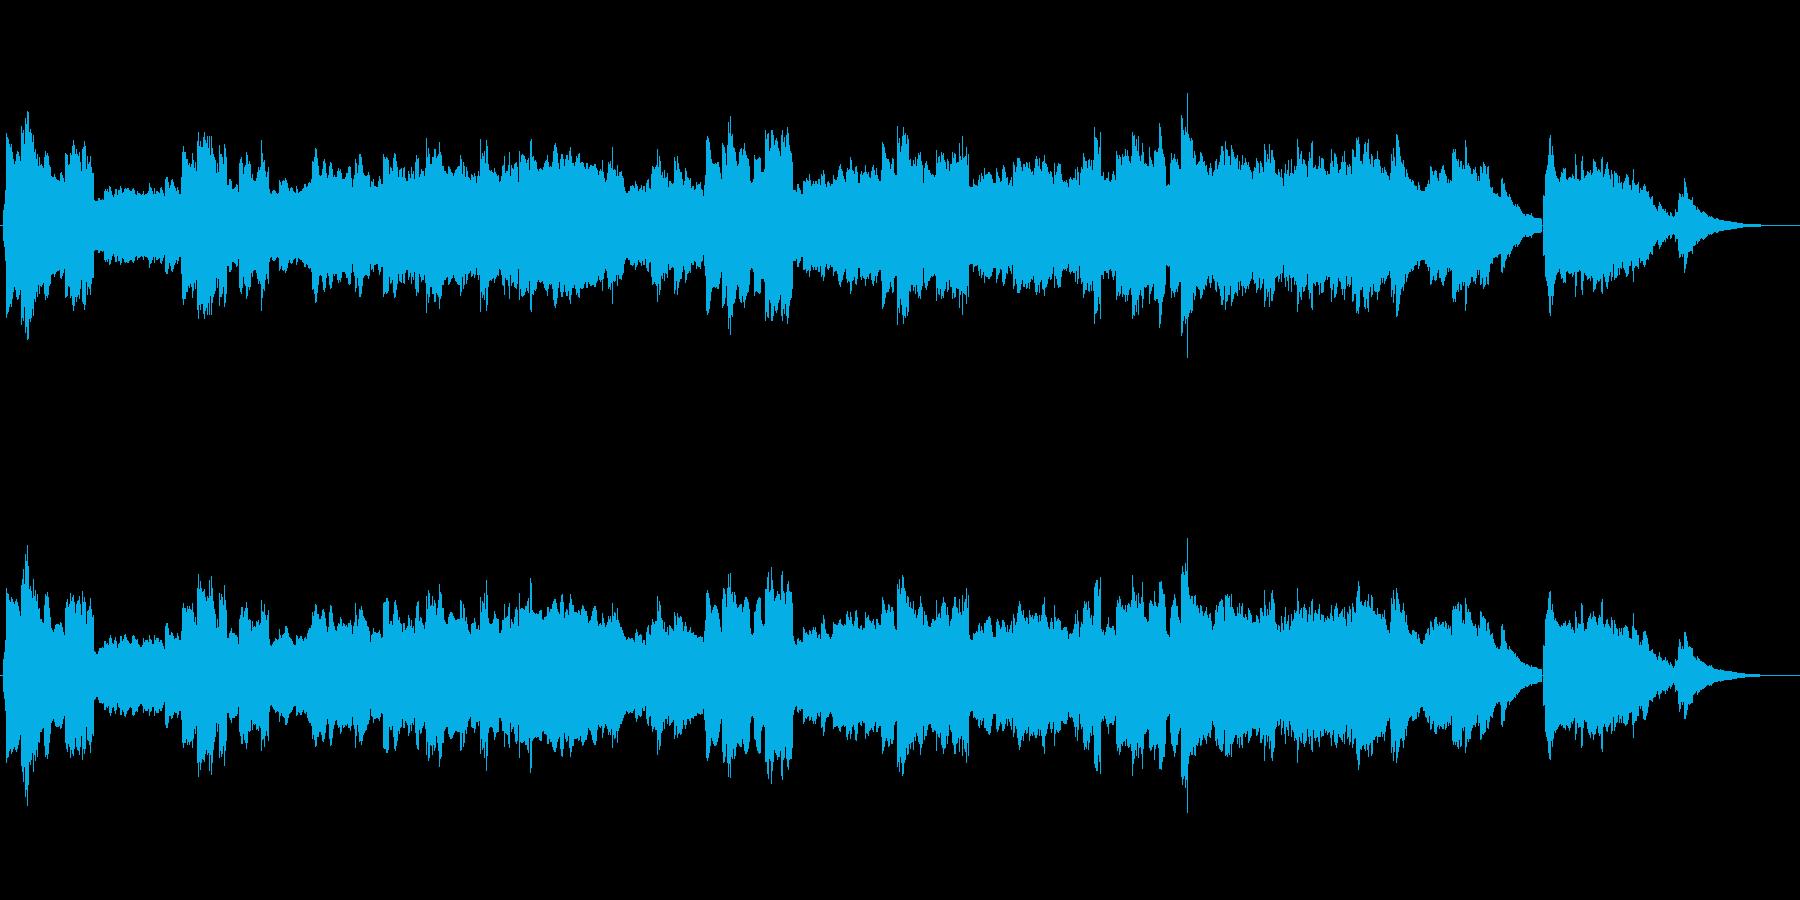 エレピソロの切ないバラードの再生済みの波形